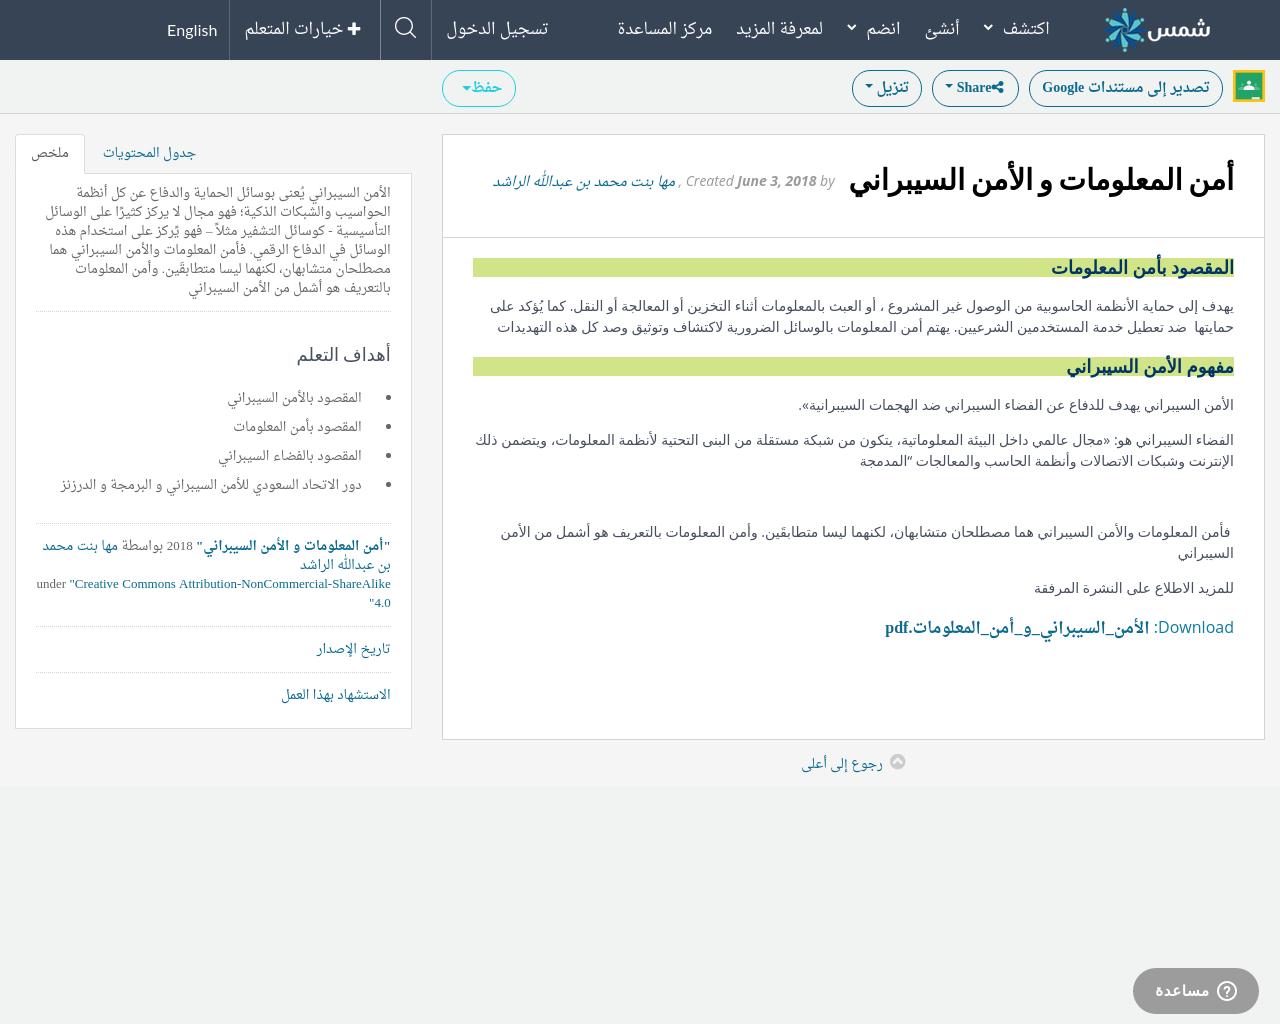 أمن المعلومات و الأمن السيبراني Shms Saudi Oer Network